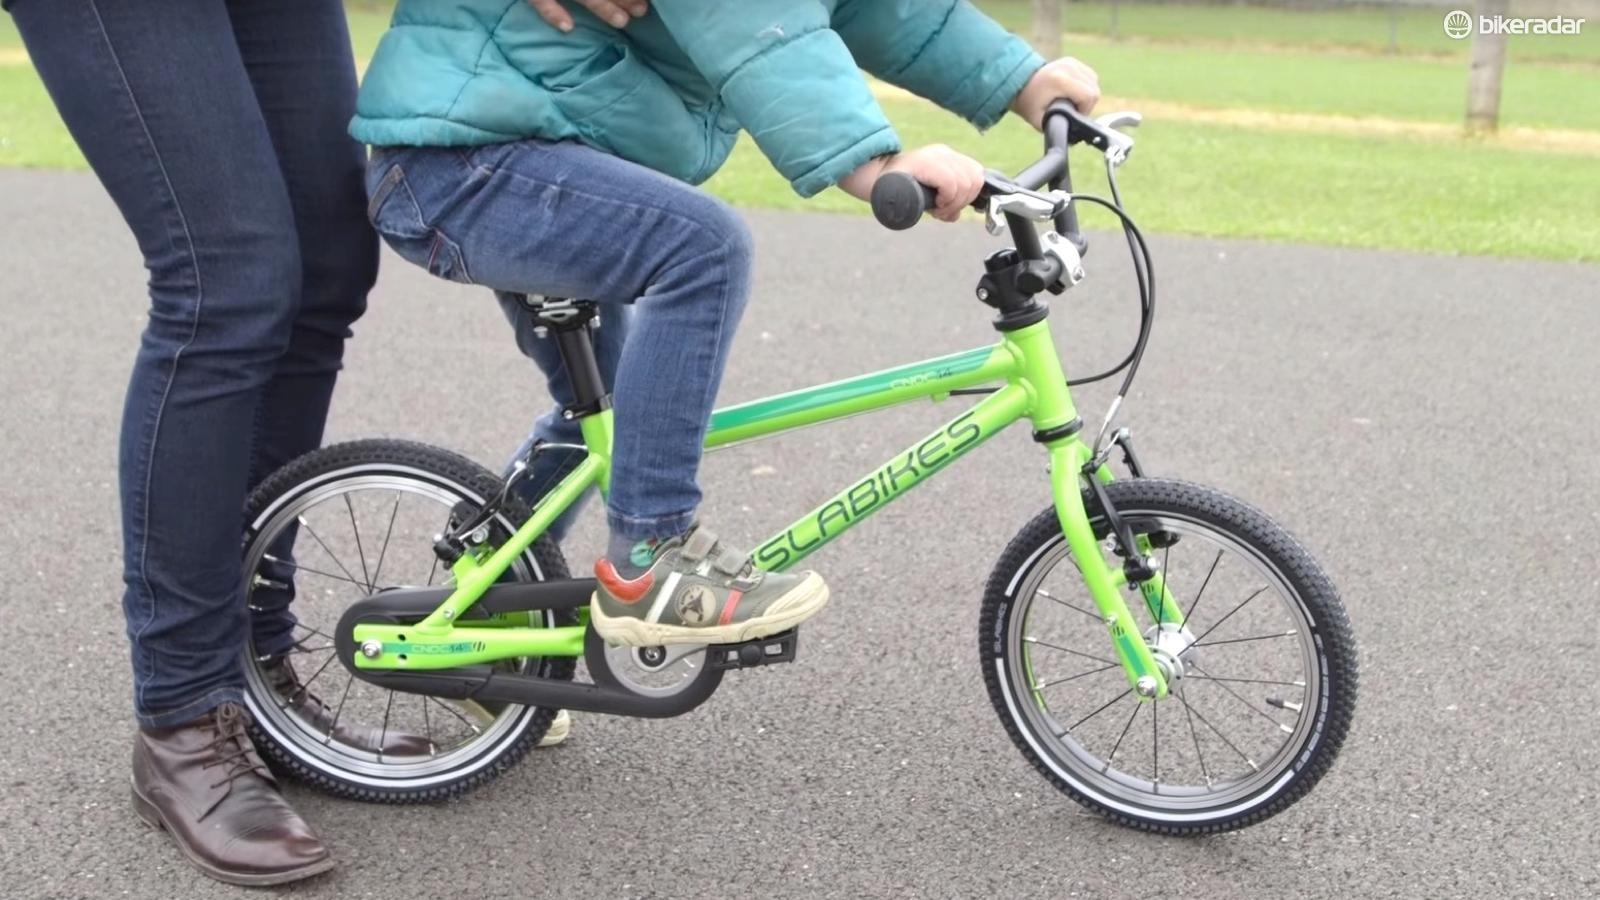 teach-a-child-to-ride-3-1465222734846-10dblbs1h9245-2fa074e